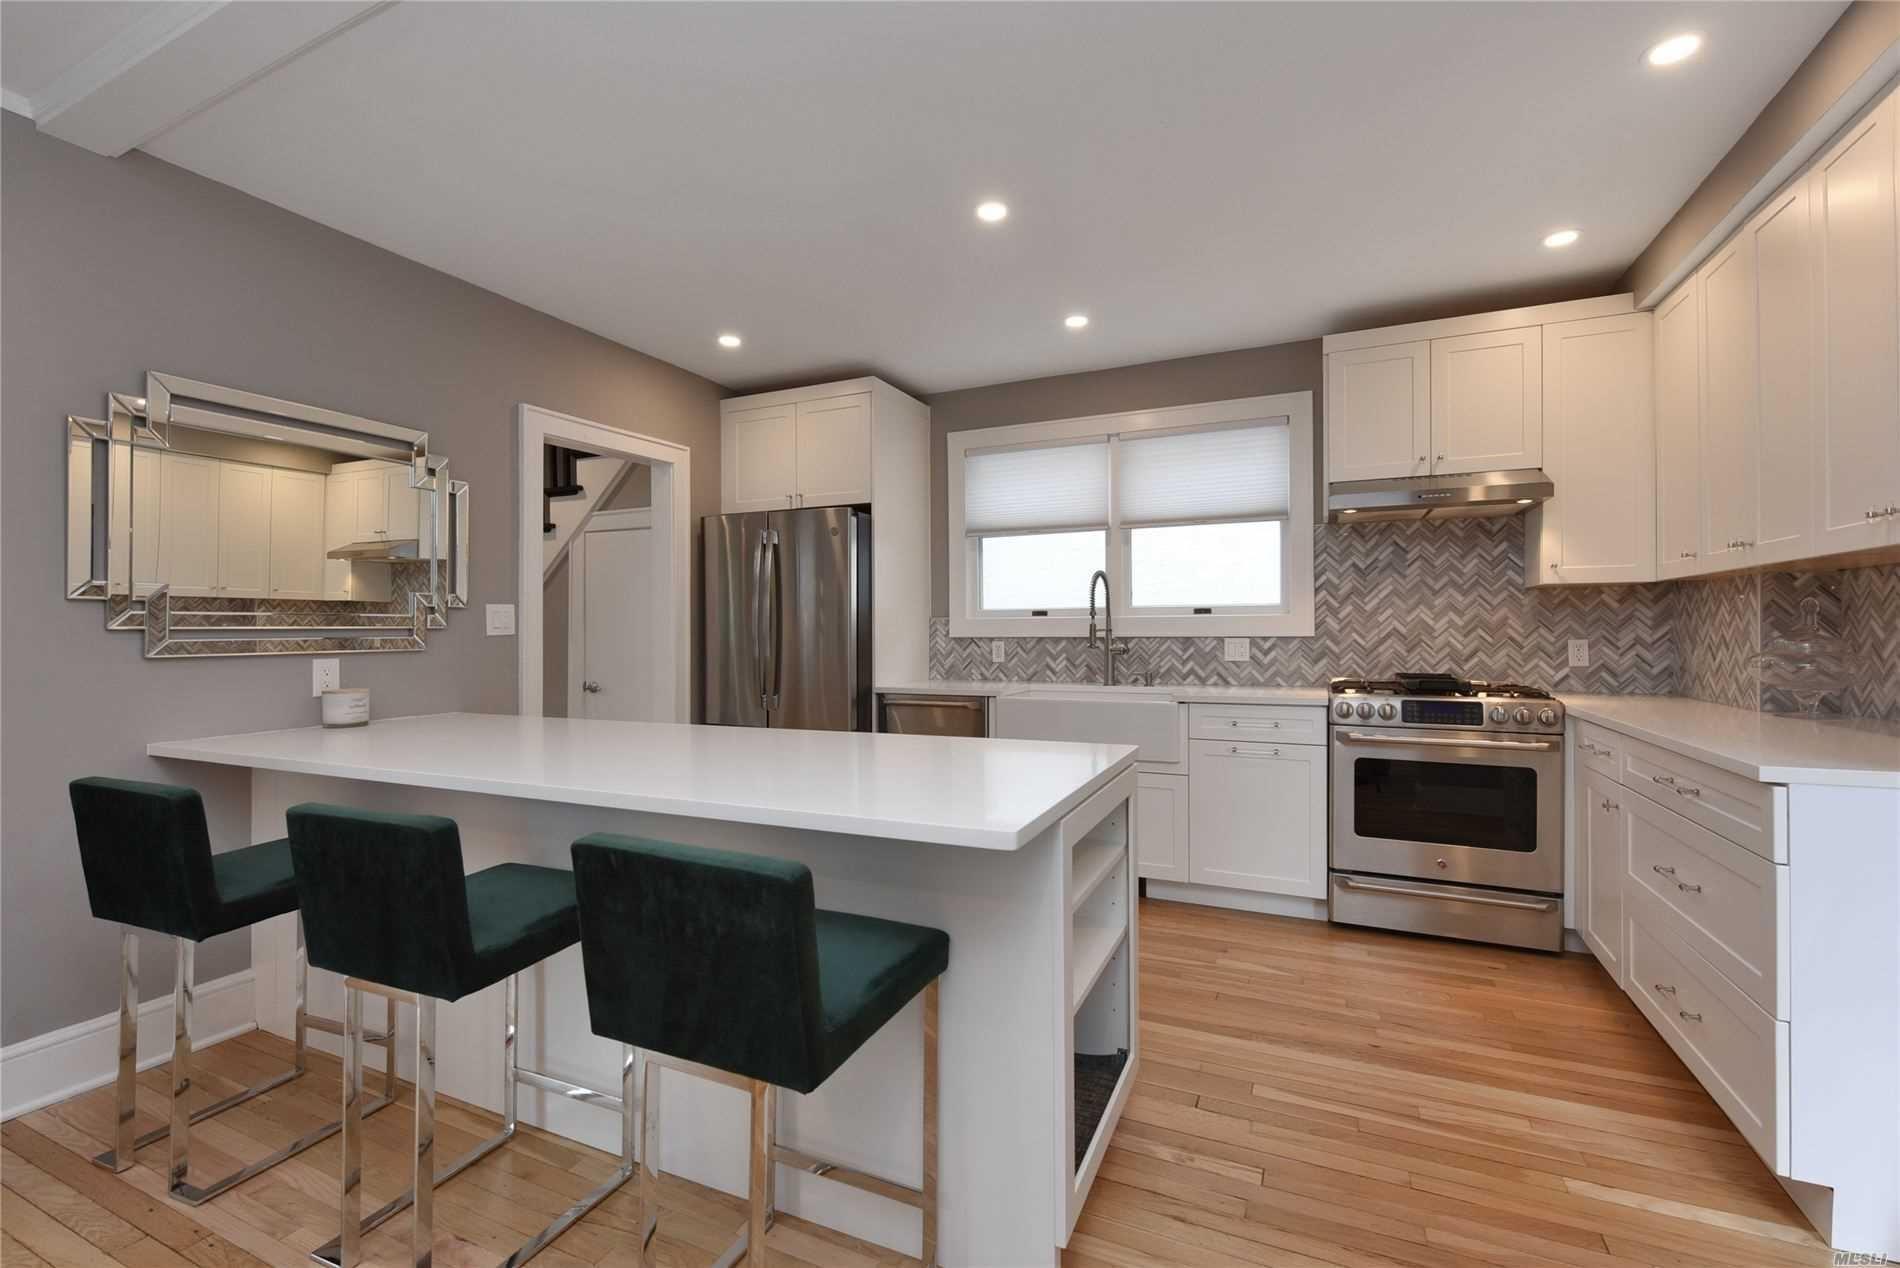 8 Avenue A, Port Washington, NY 11050 - MLS#: 3228129